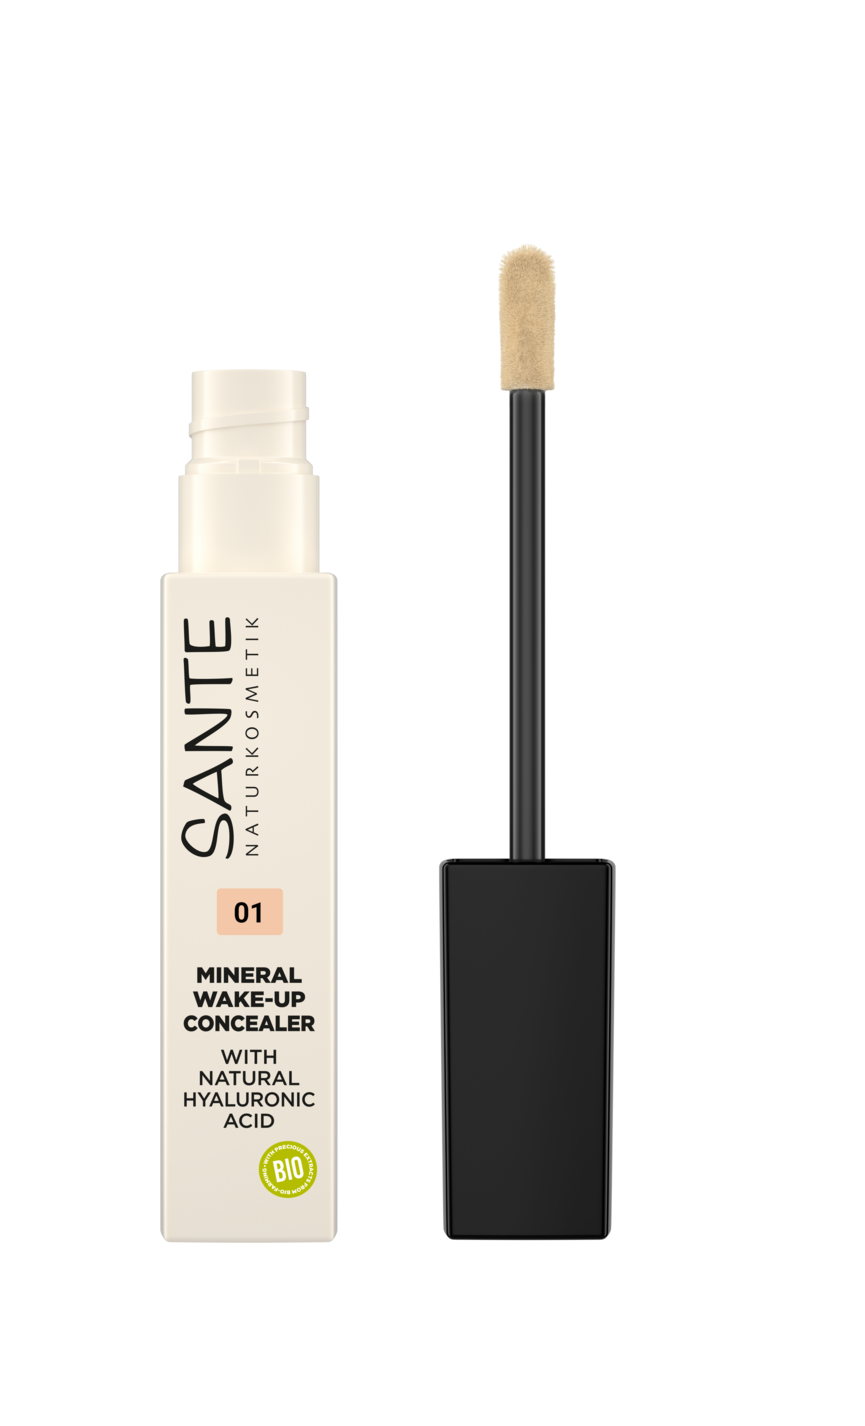 Sante Make-Up Mineral Concealer